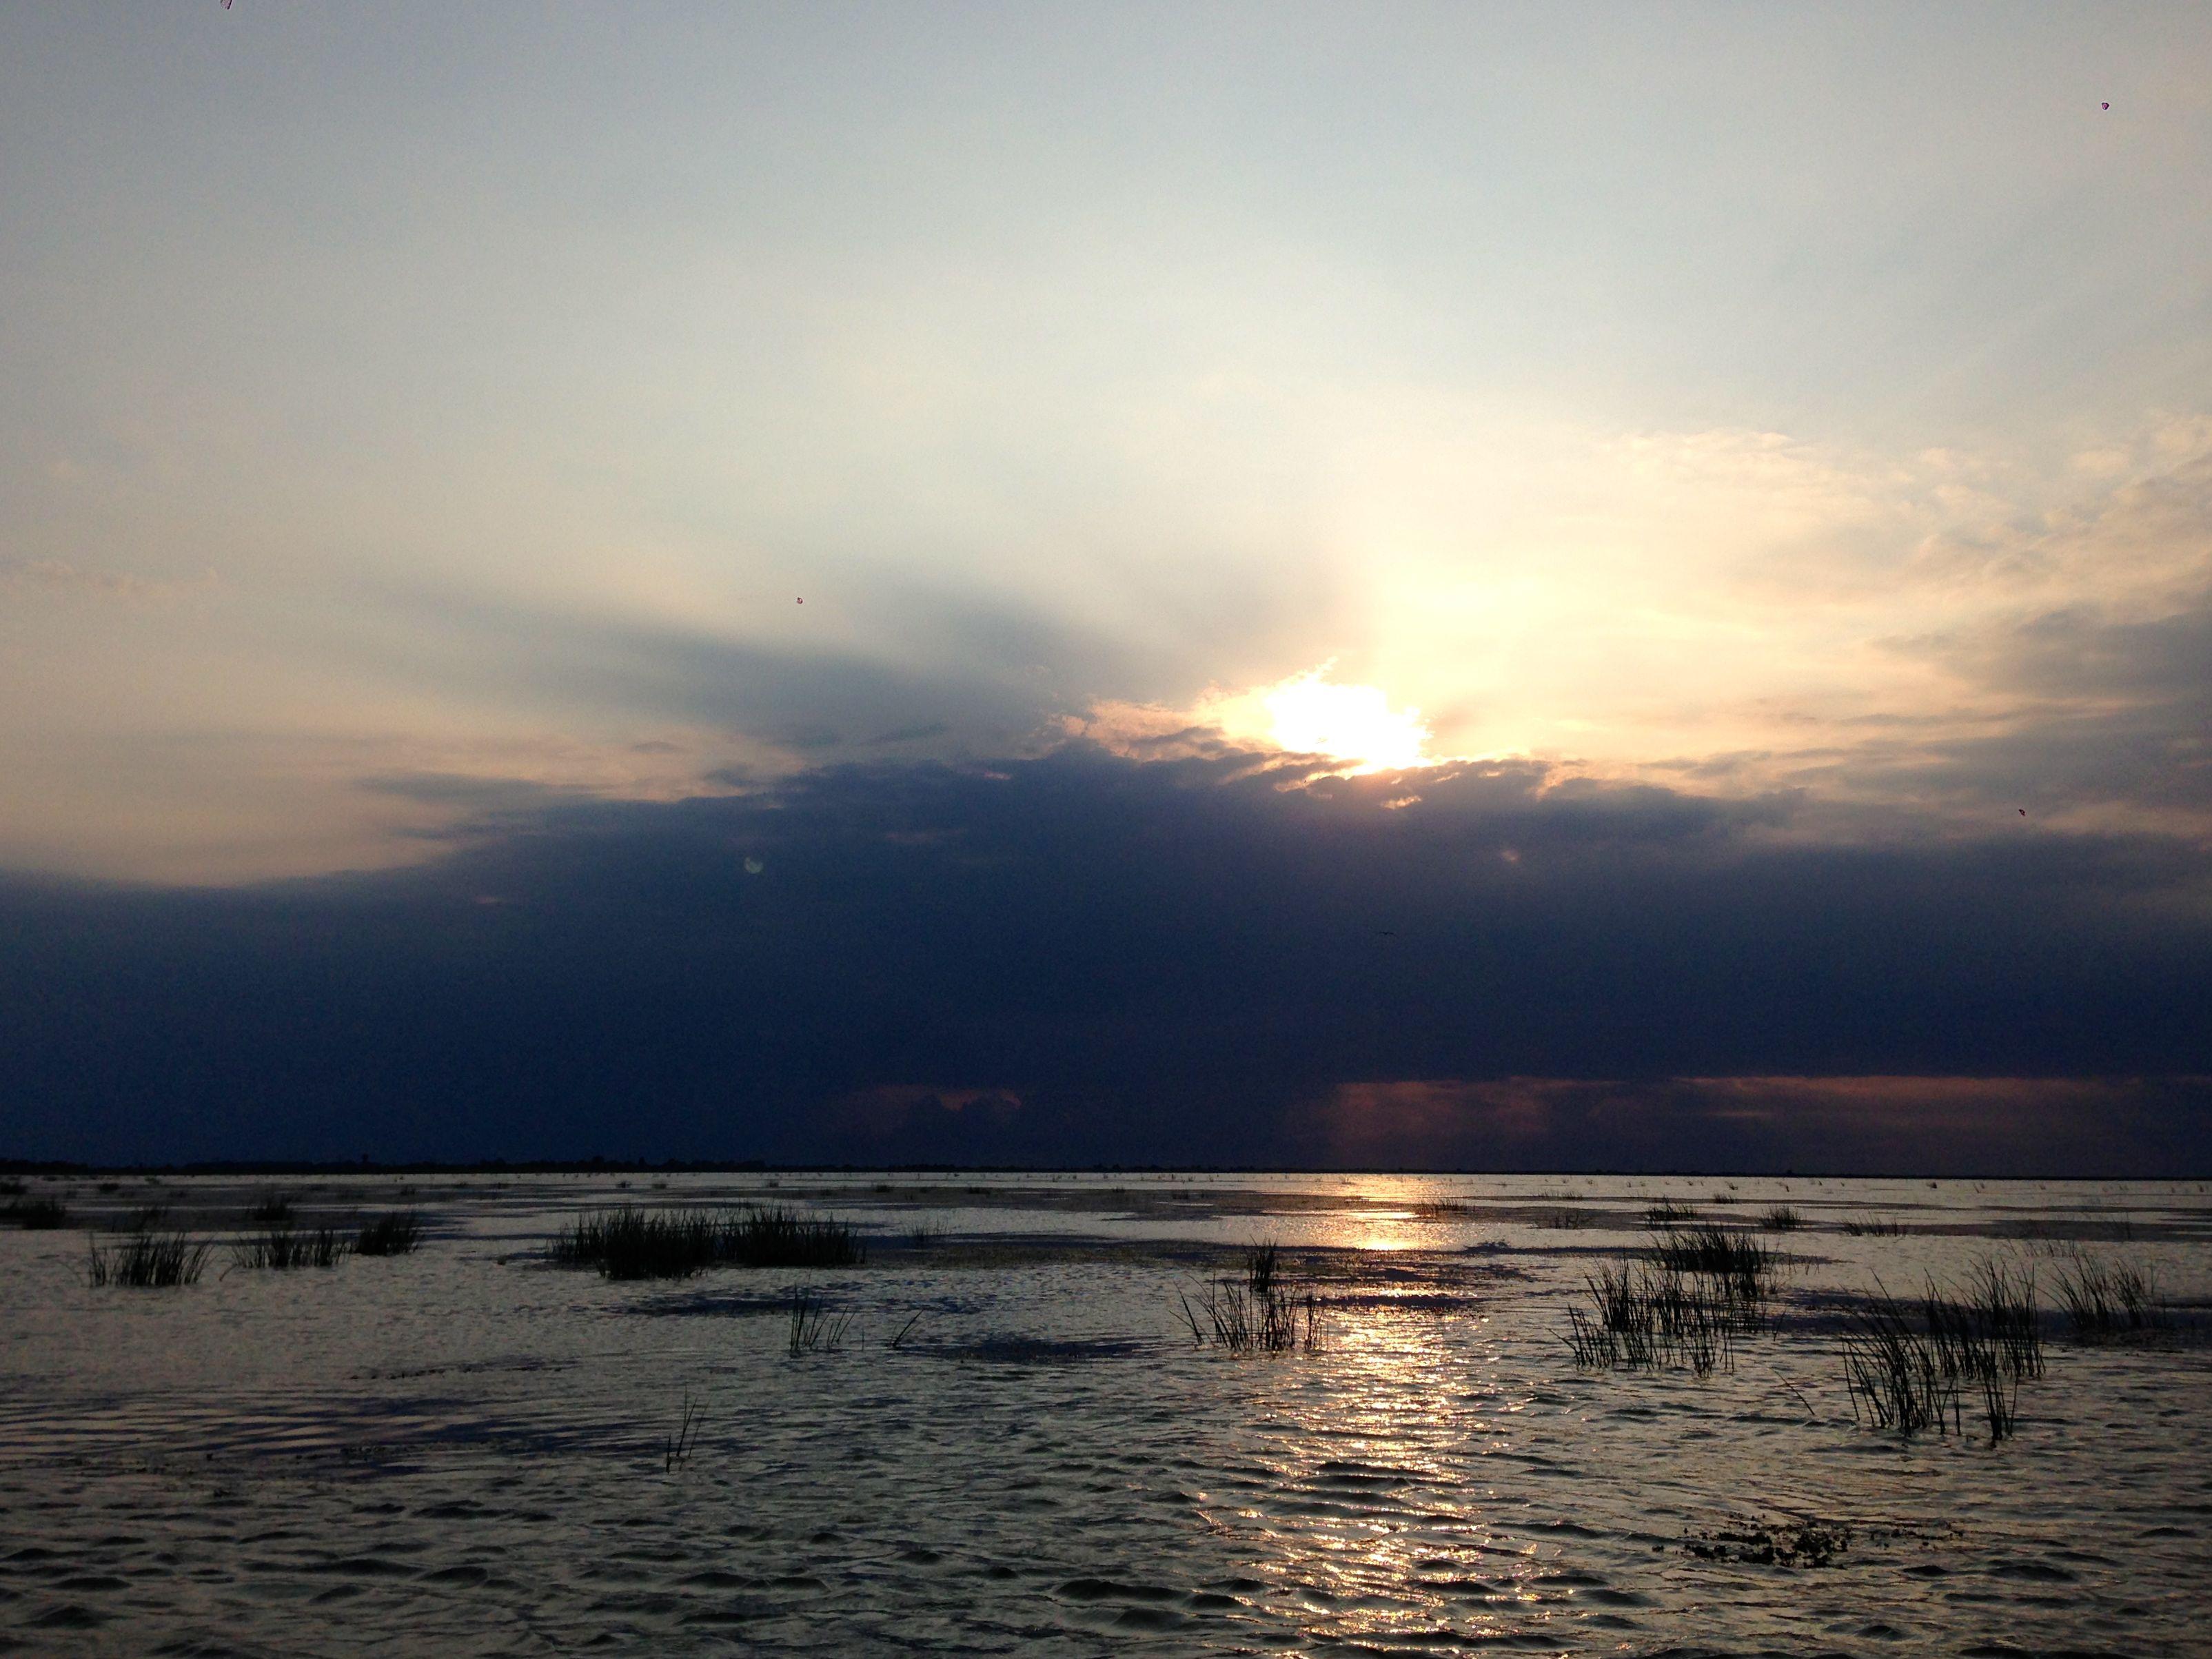 sunset sulina danube delta romania